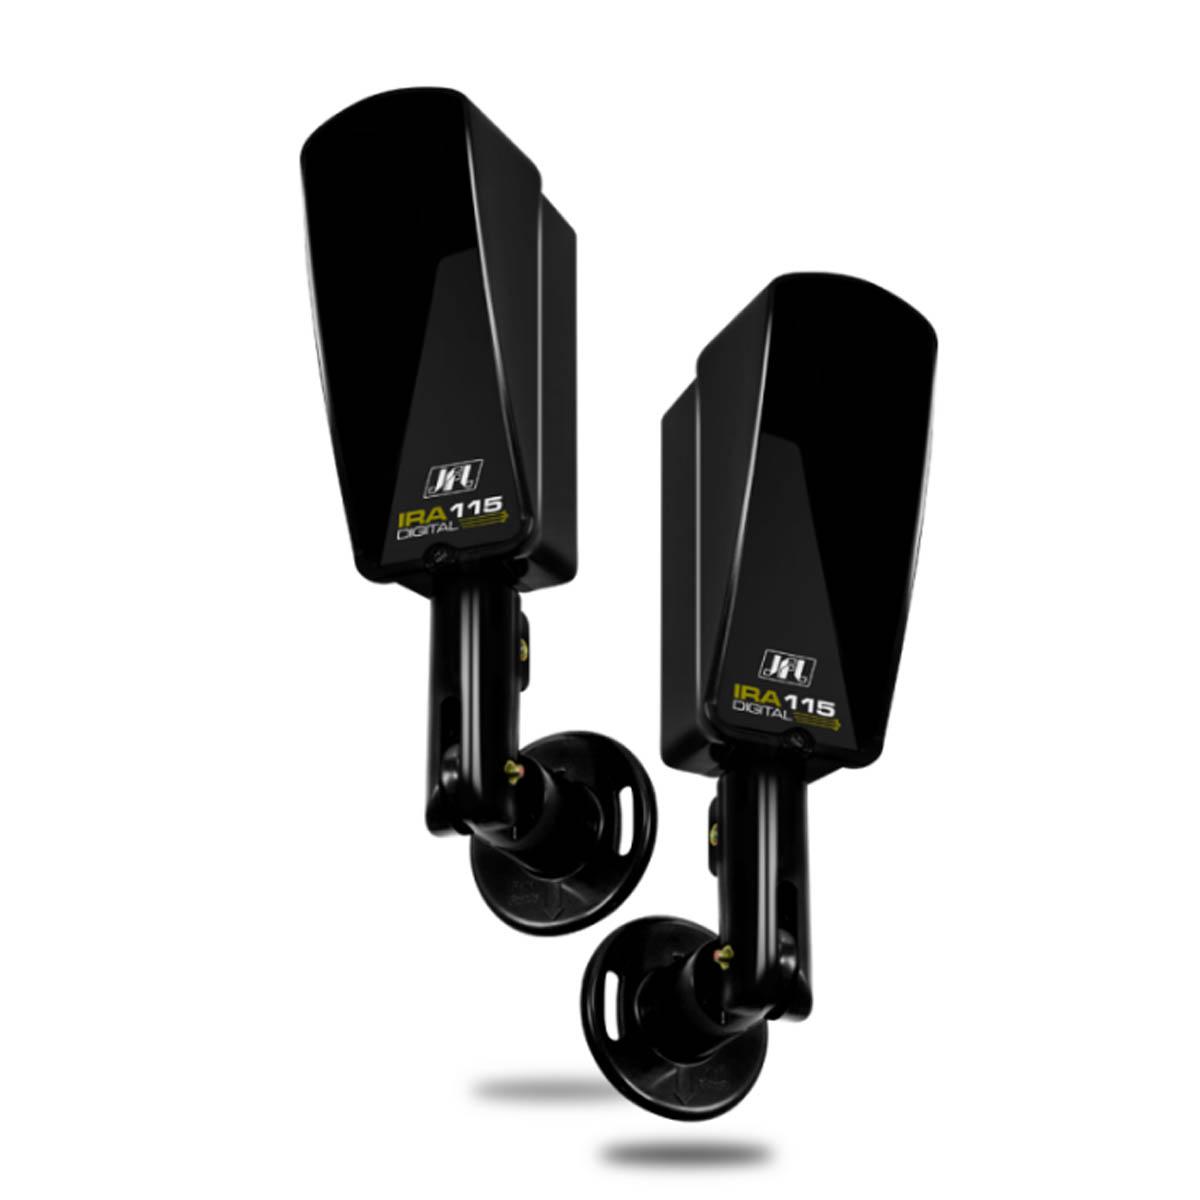 Sensor De Barreira JFL Feixe Simples 30MTS Com Suporte IRA-115 DIG V2